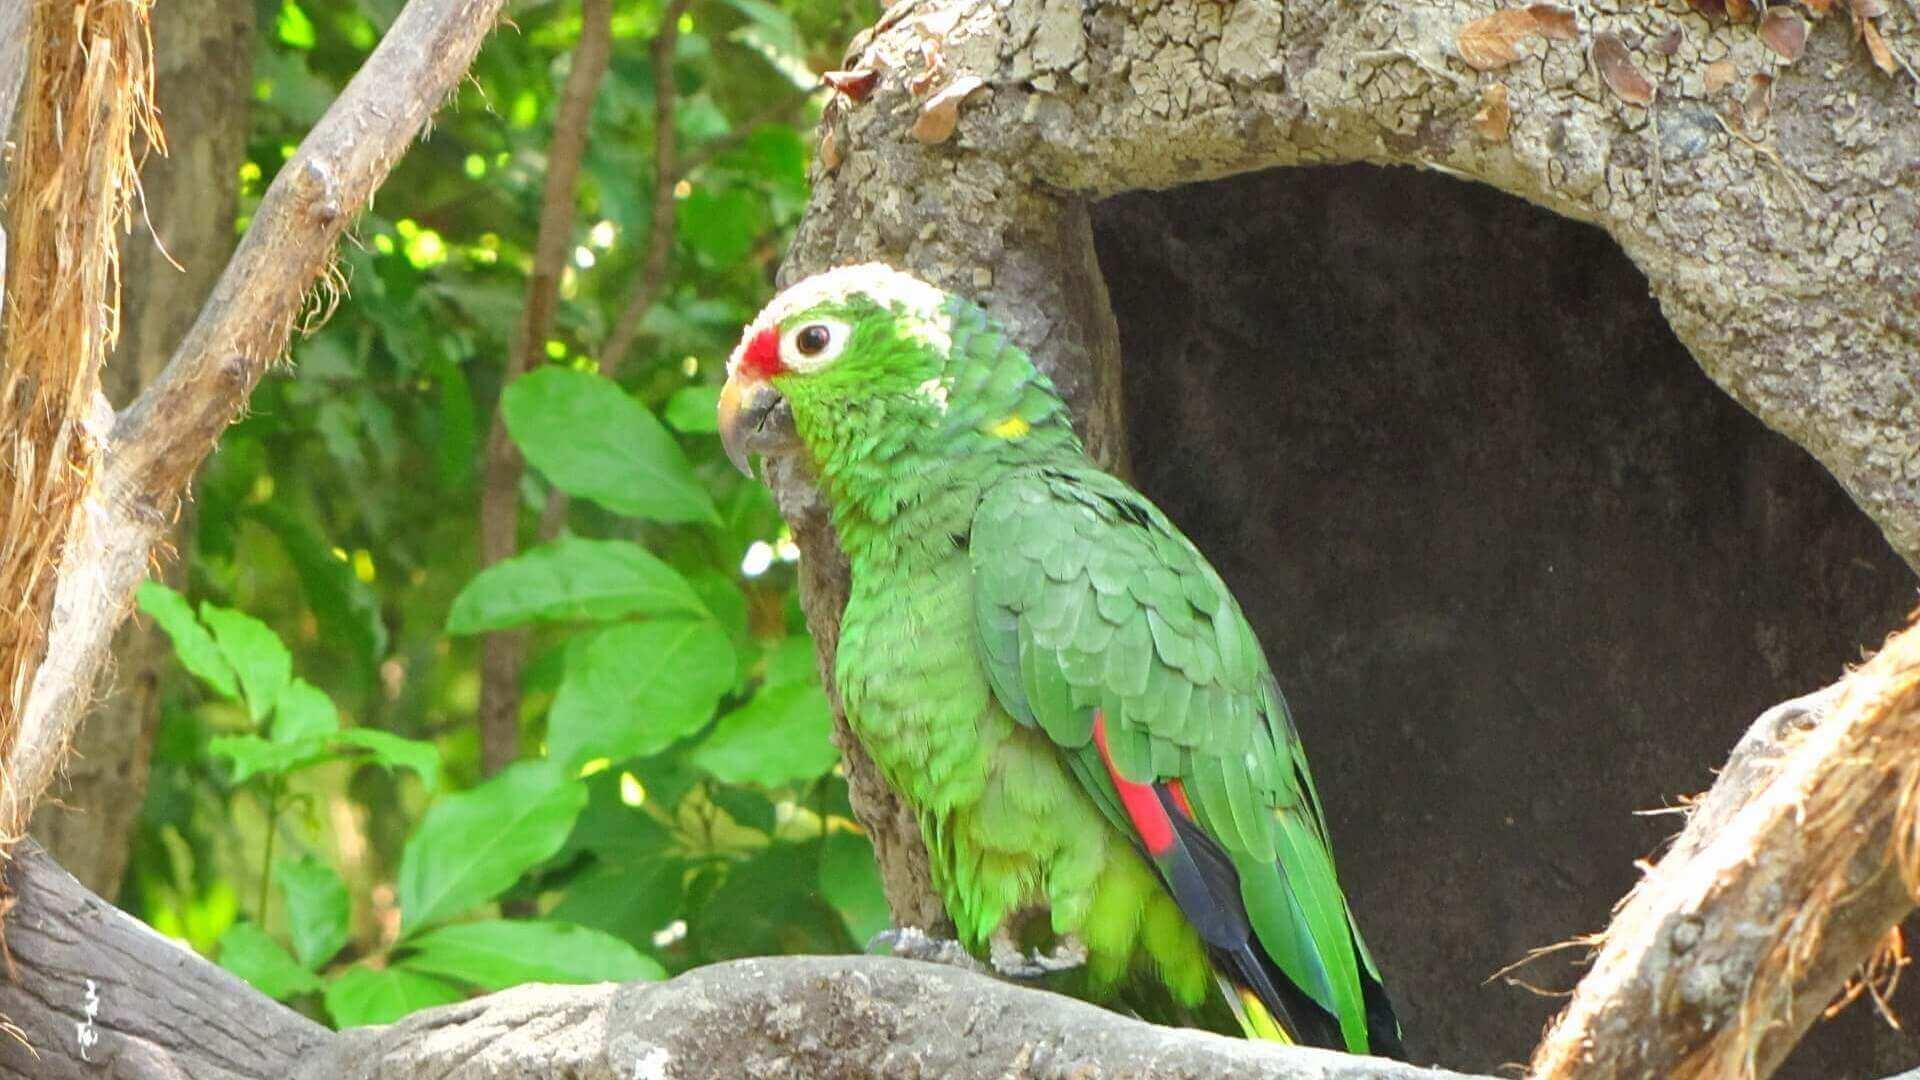 Groene papegaai op een tak in Parque Historica in Guayaquil in Ecuador